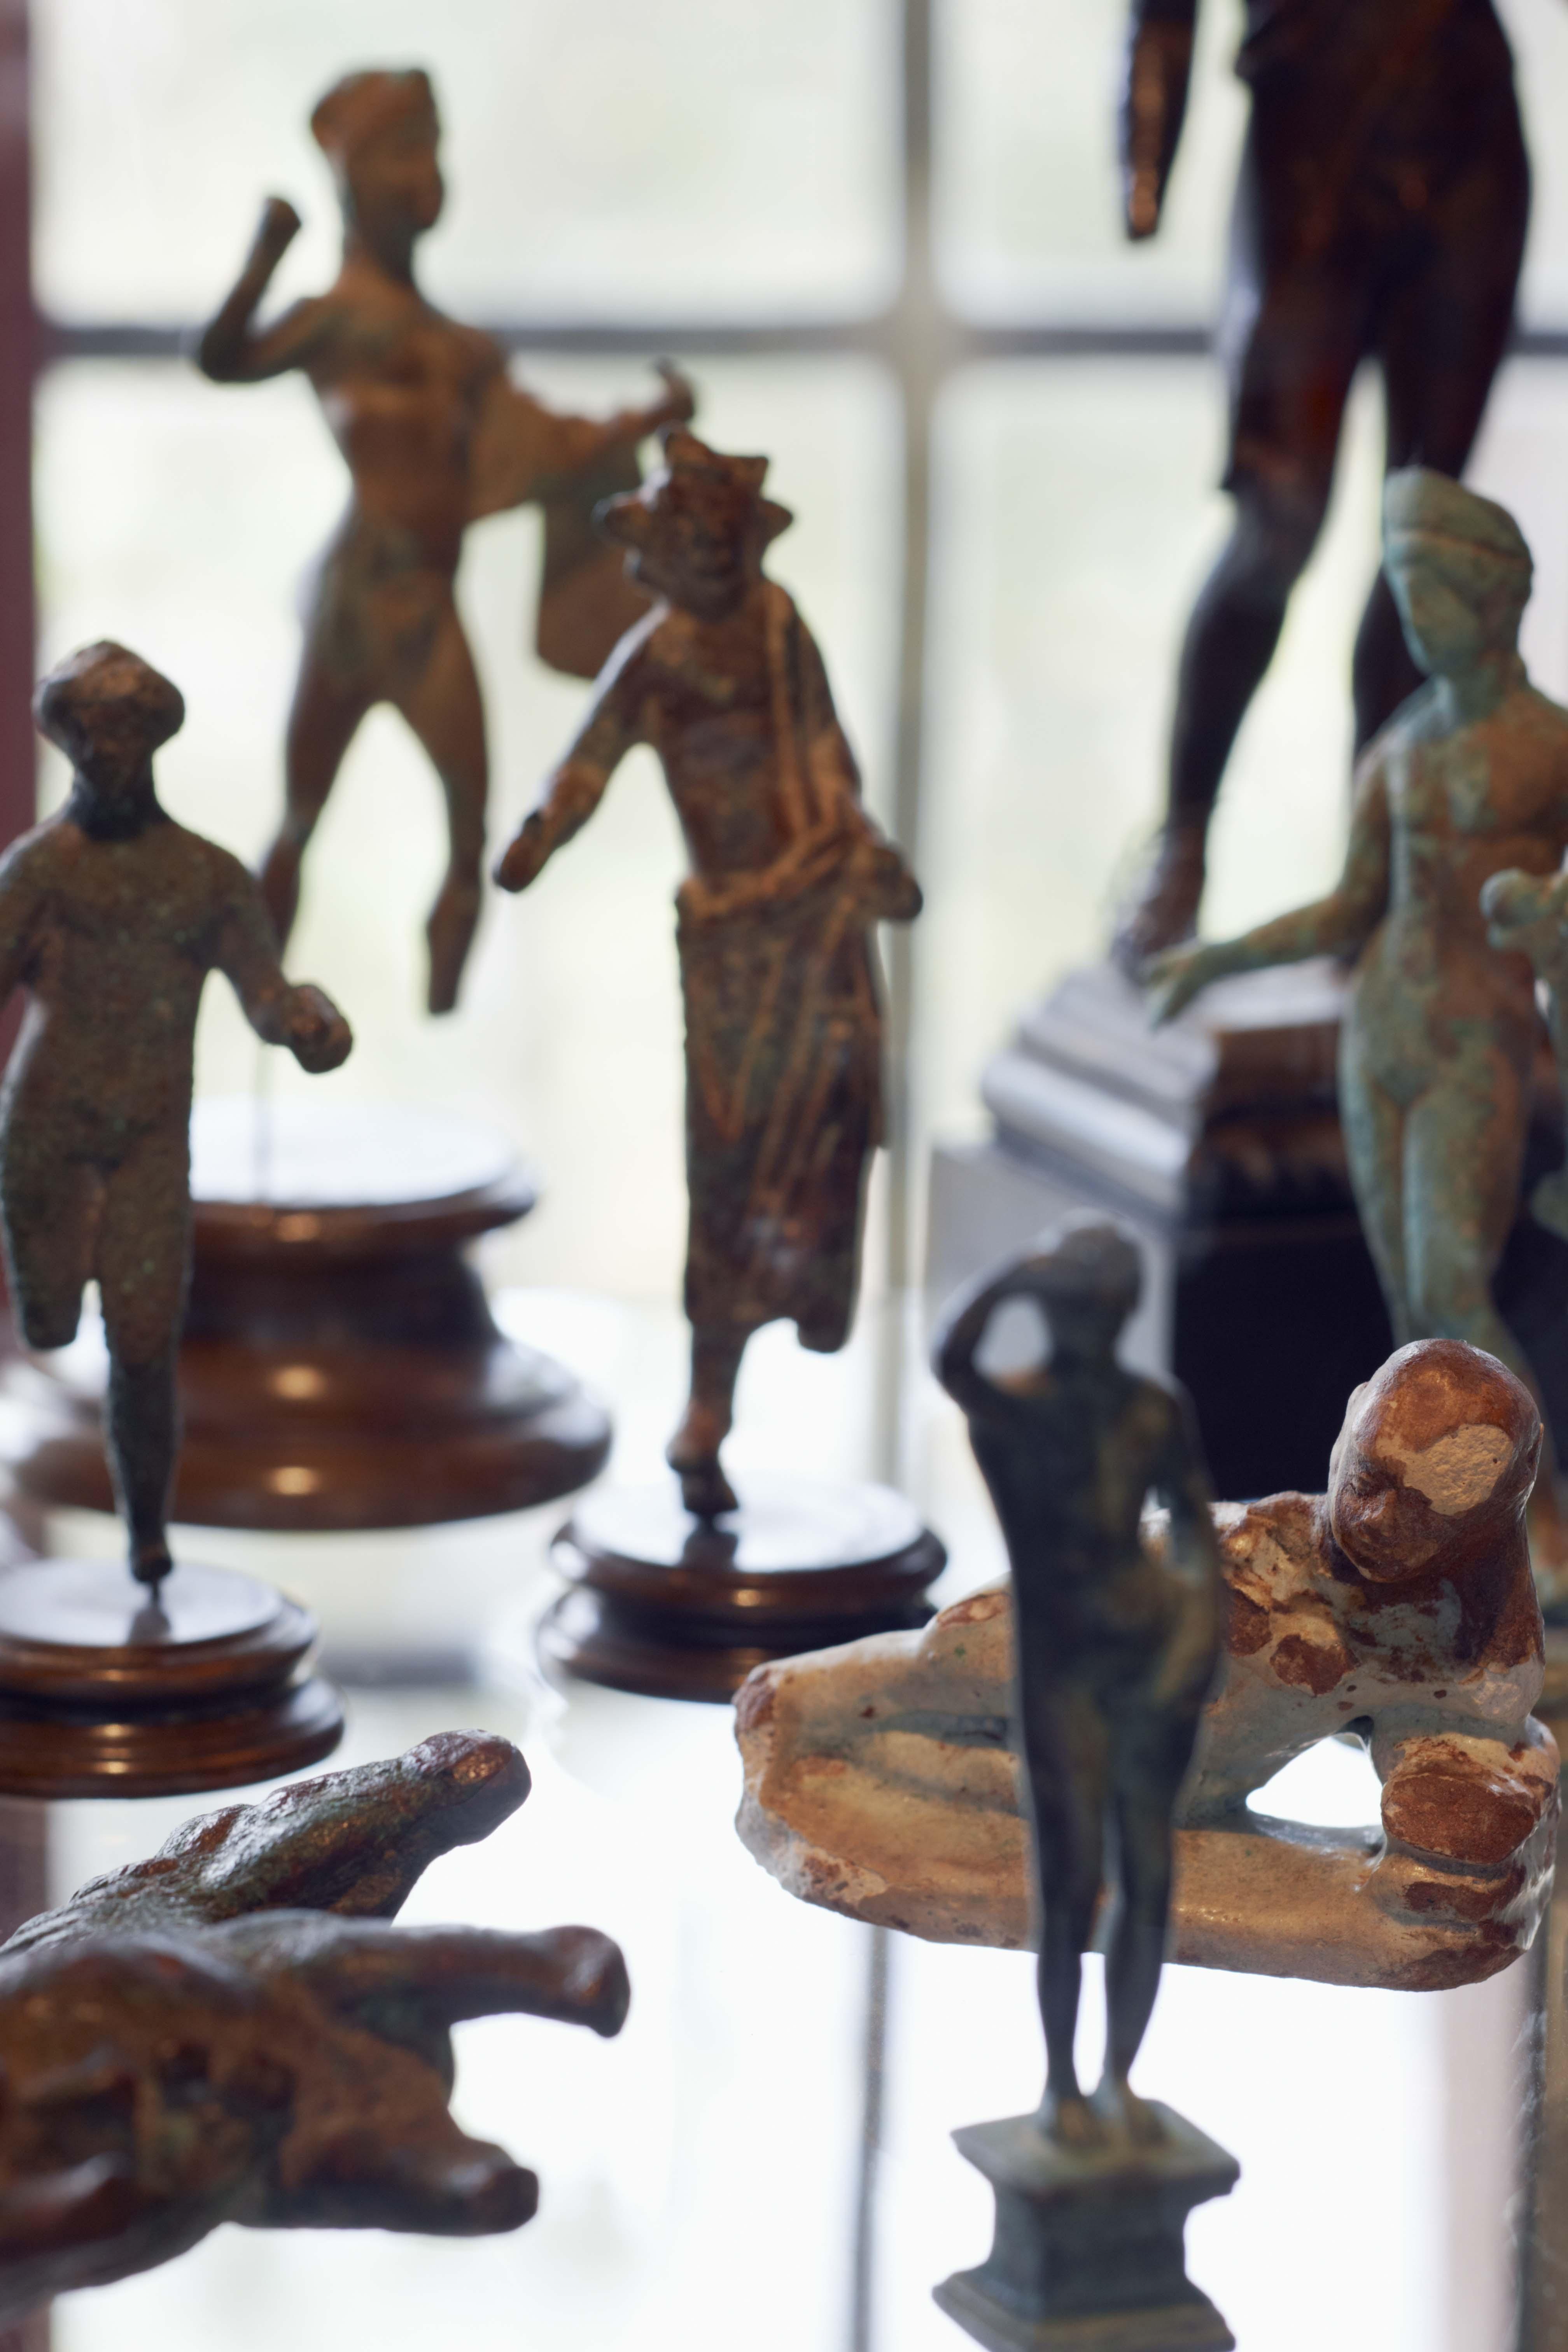 En detaljbild av en bordsmonter med mindre föremål ur Zorns antiksamling med grekiska och etruskiska skulpturer. Foto Åke E:son Lindman